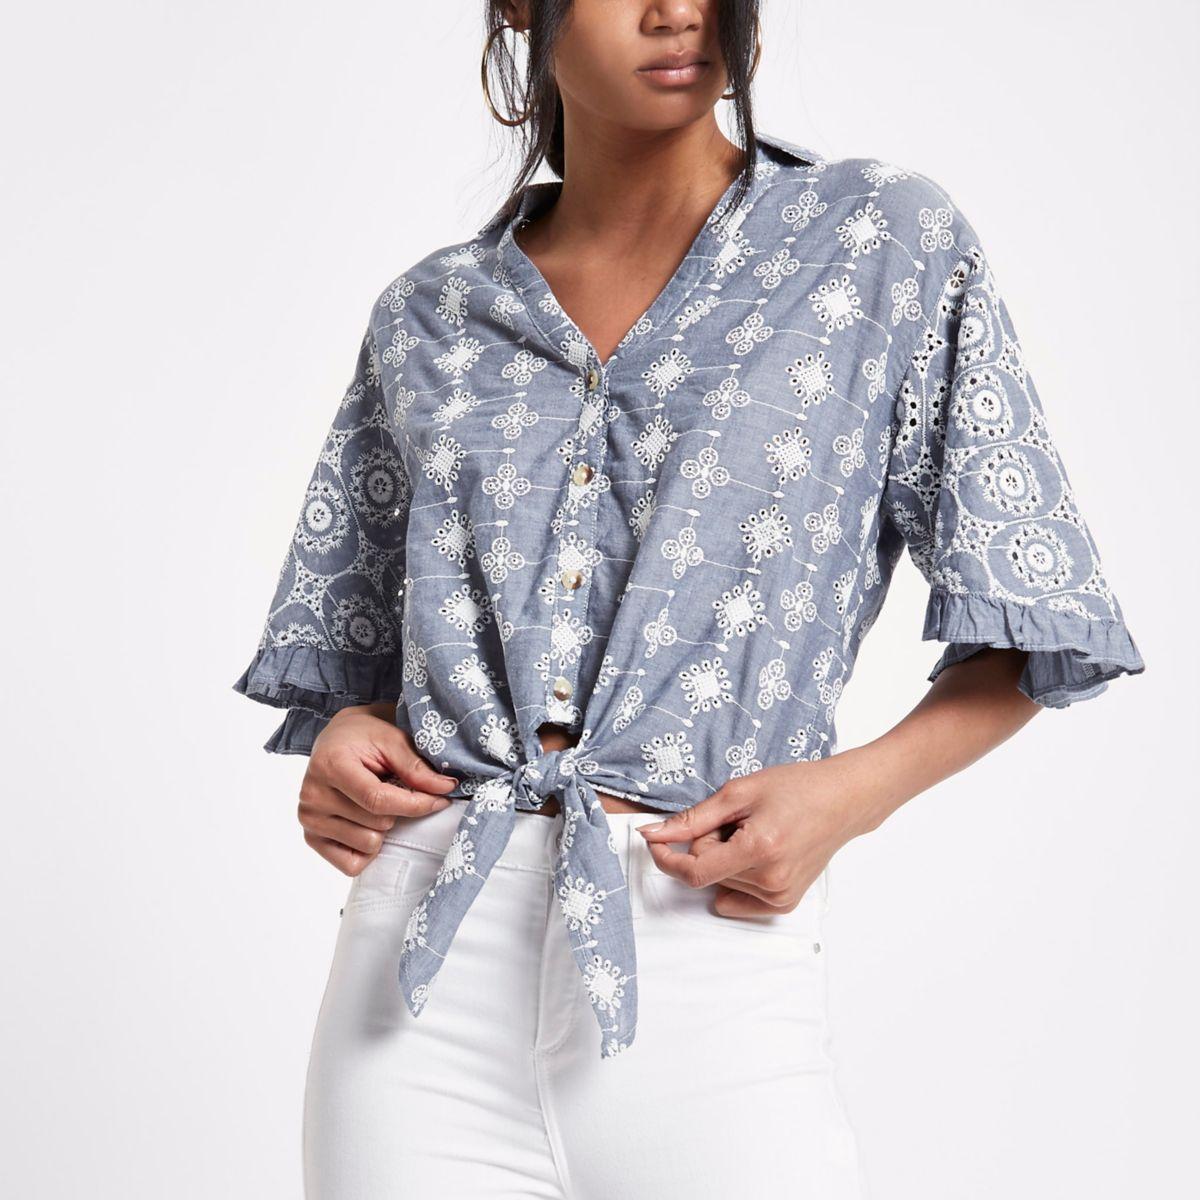 Blauw geborduurd kort overhemd met strik voor